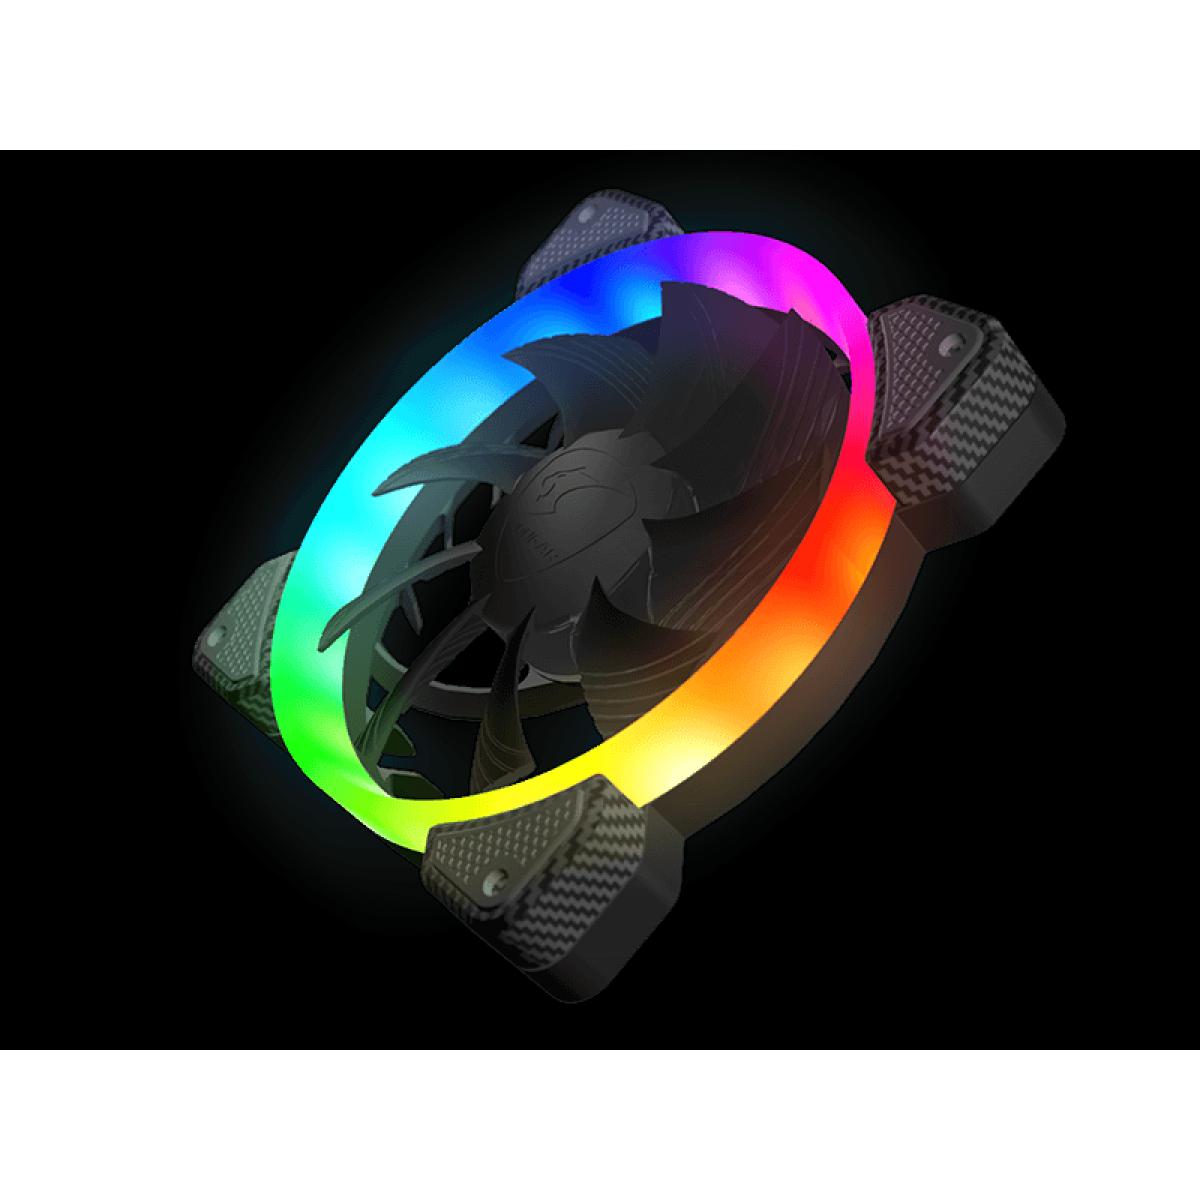 Kit Fan com 3 Unidades Cougar Vortex, RGB, FCB, Com Controladora, 120mm, 3MFCBKIT.0001